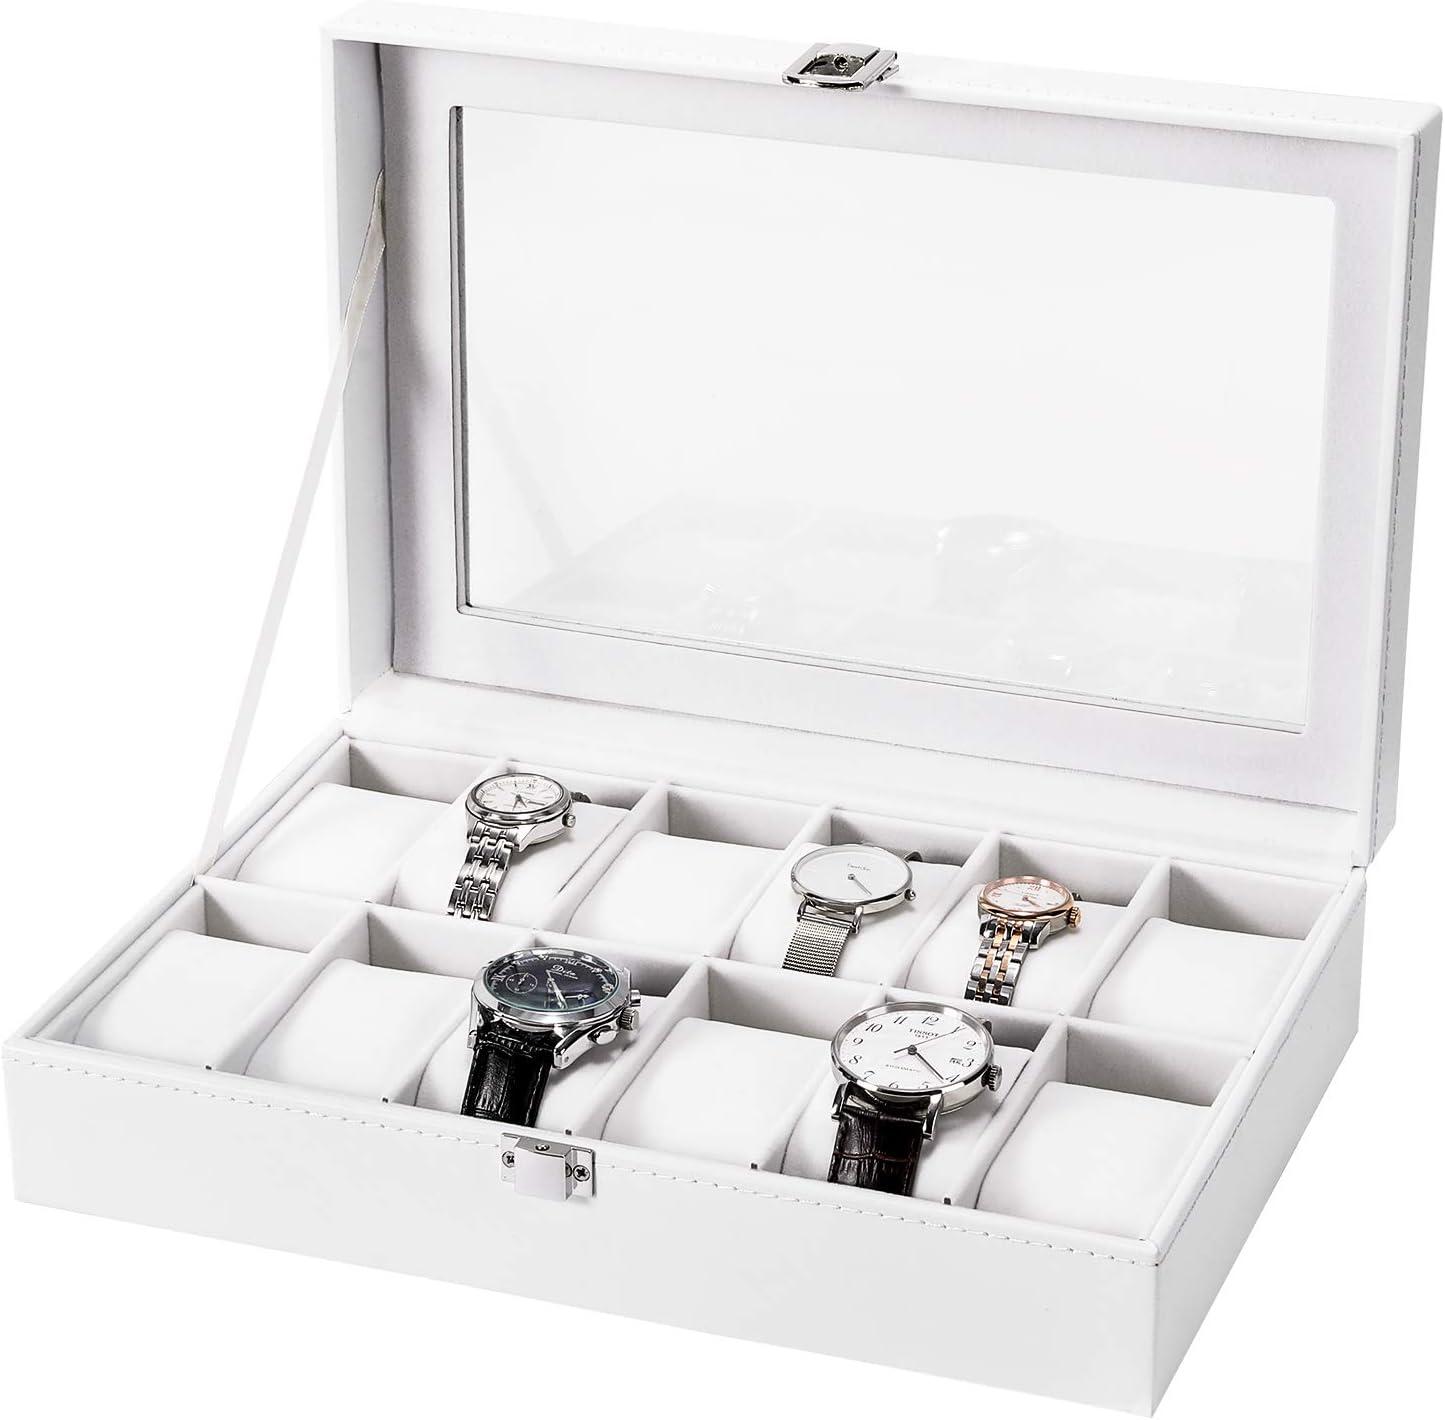 Caja de reloj Nisear, vitrina de reloj de cuero PU, elegante caja de almacenamiento de joyas con almohada acolchada de 12 compartimentos para hombres y mujeres